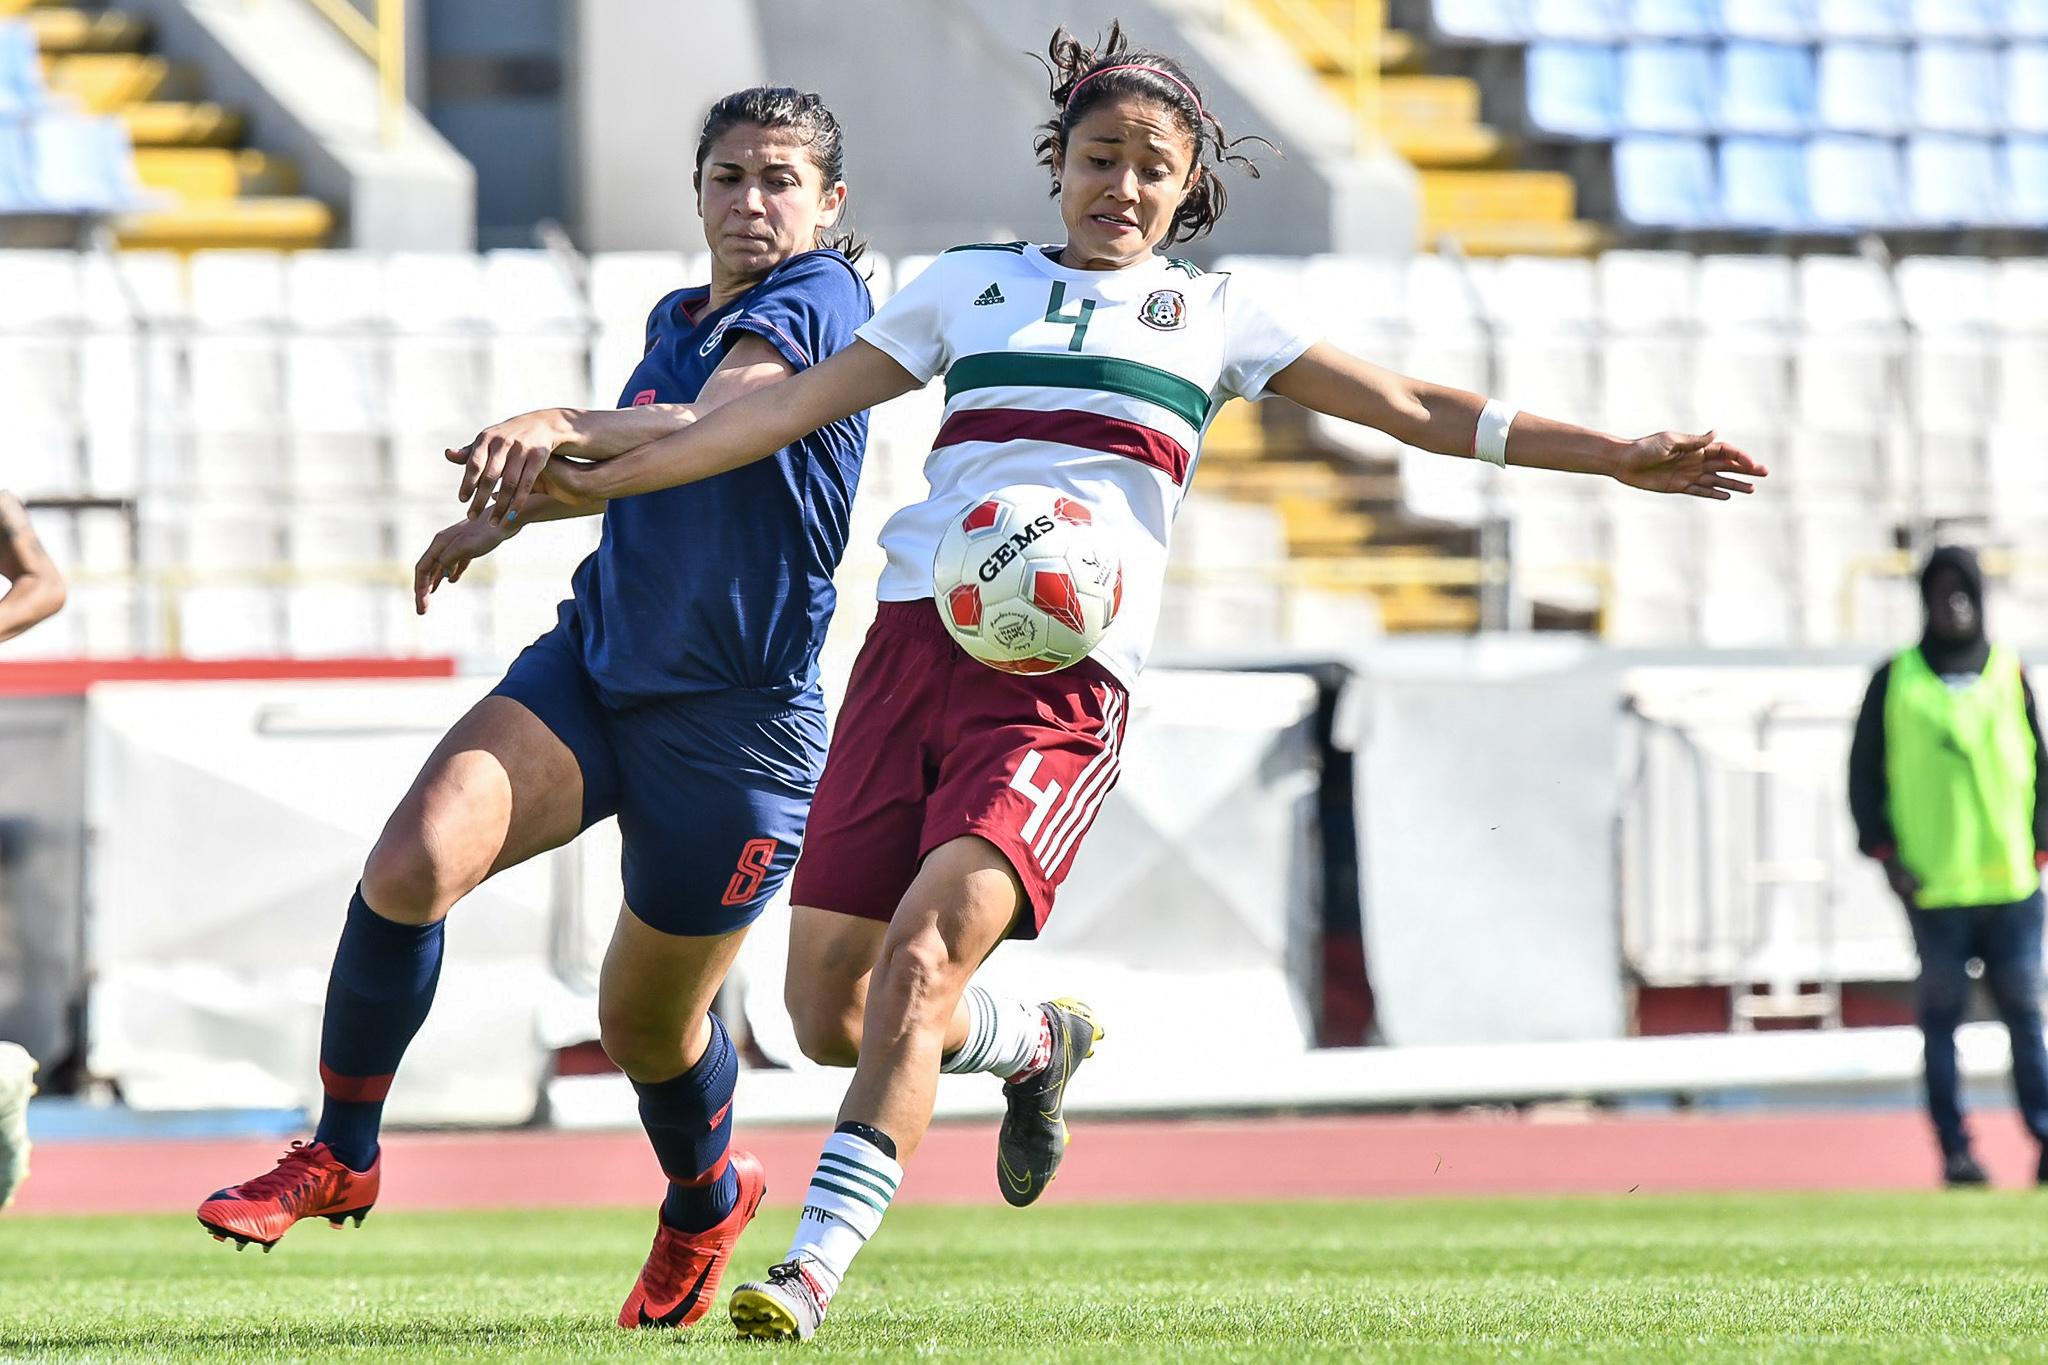 ฟุตบอลหญิงทีมชาติเม็กซิโก ฟุตบอลหญิงทีมชาติไทย ไซปรัส คัพ 2019